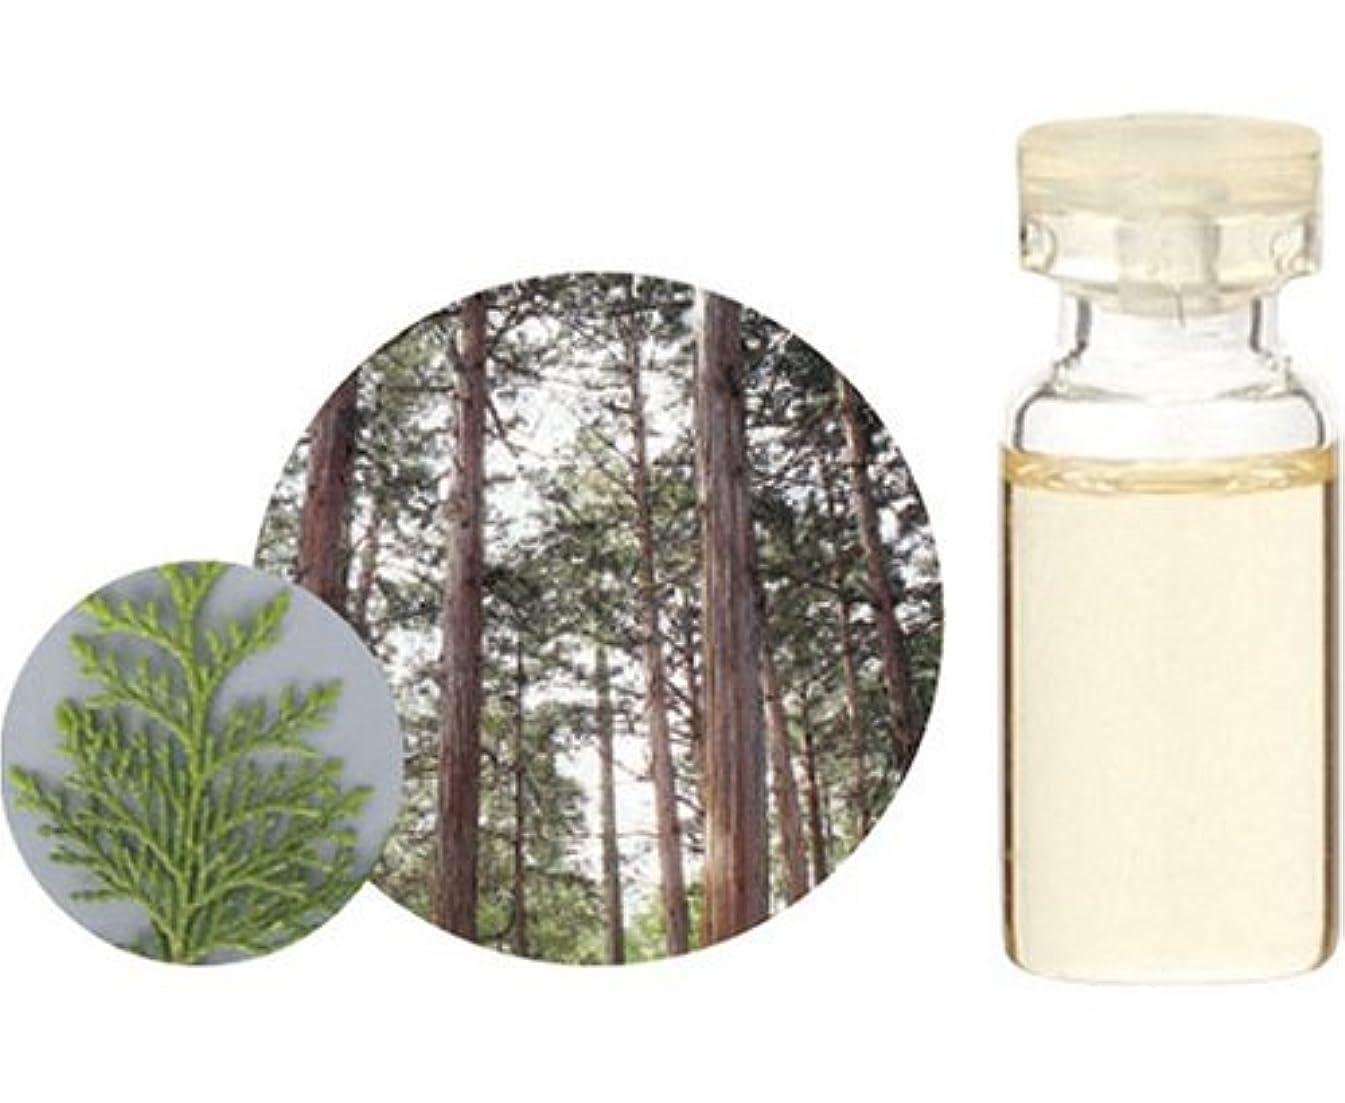 処理する死んでいるデッキ生活の木 エッセンシャルオイル ヒノキ 10ml